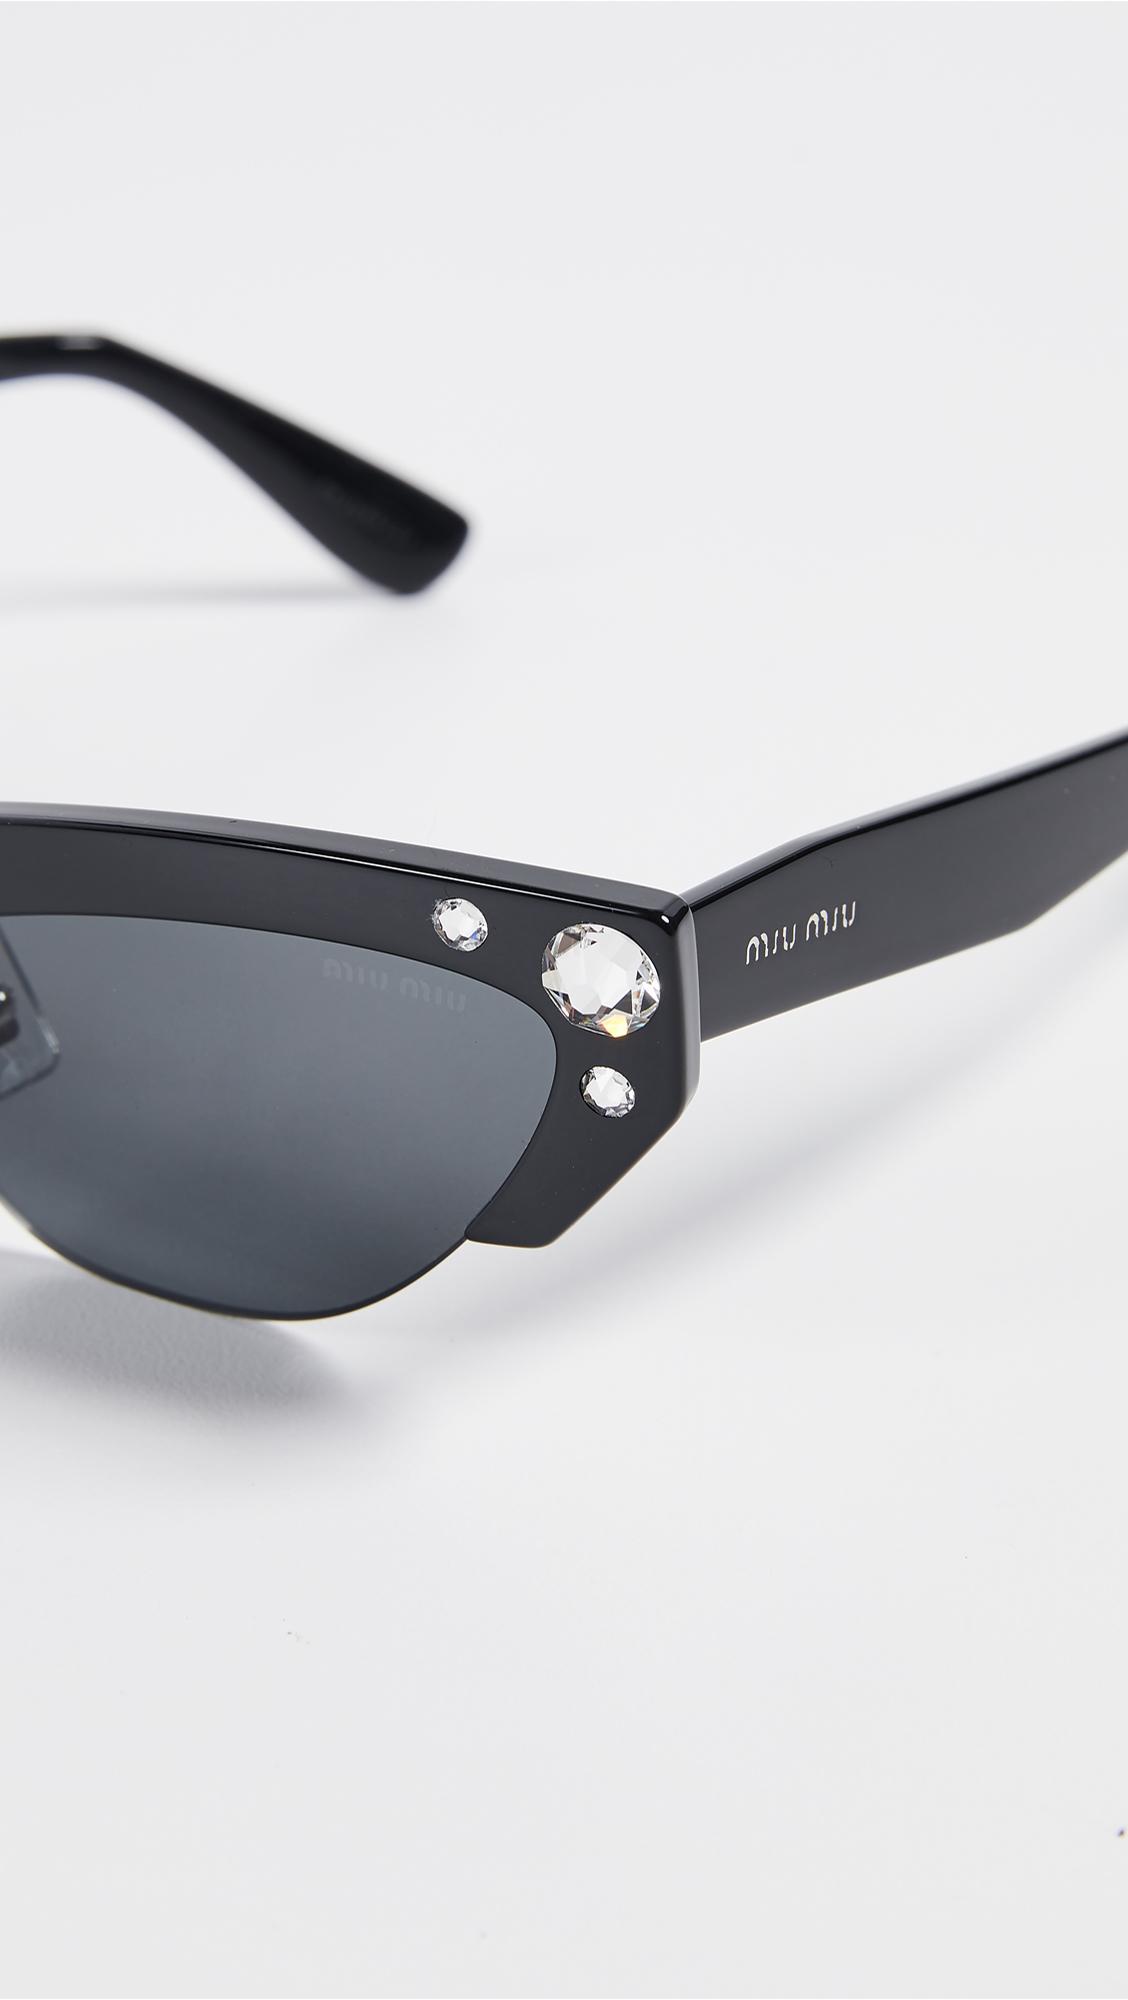 5a45b516e2 Miu Miu Narrow Cat Eye Sunglasses - Lyst